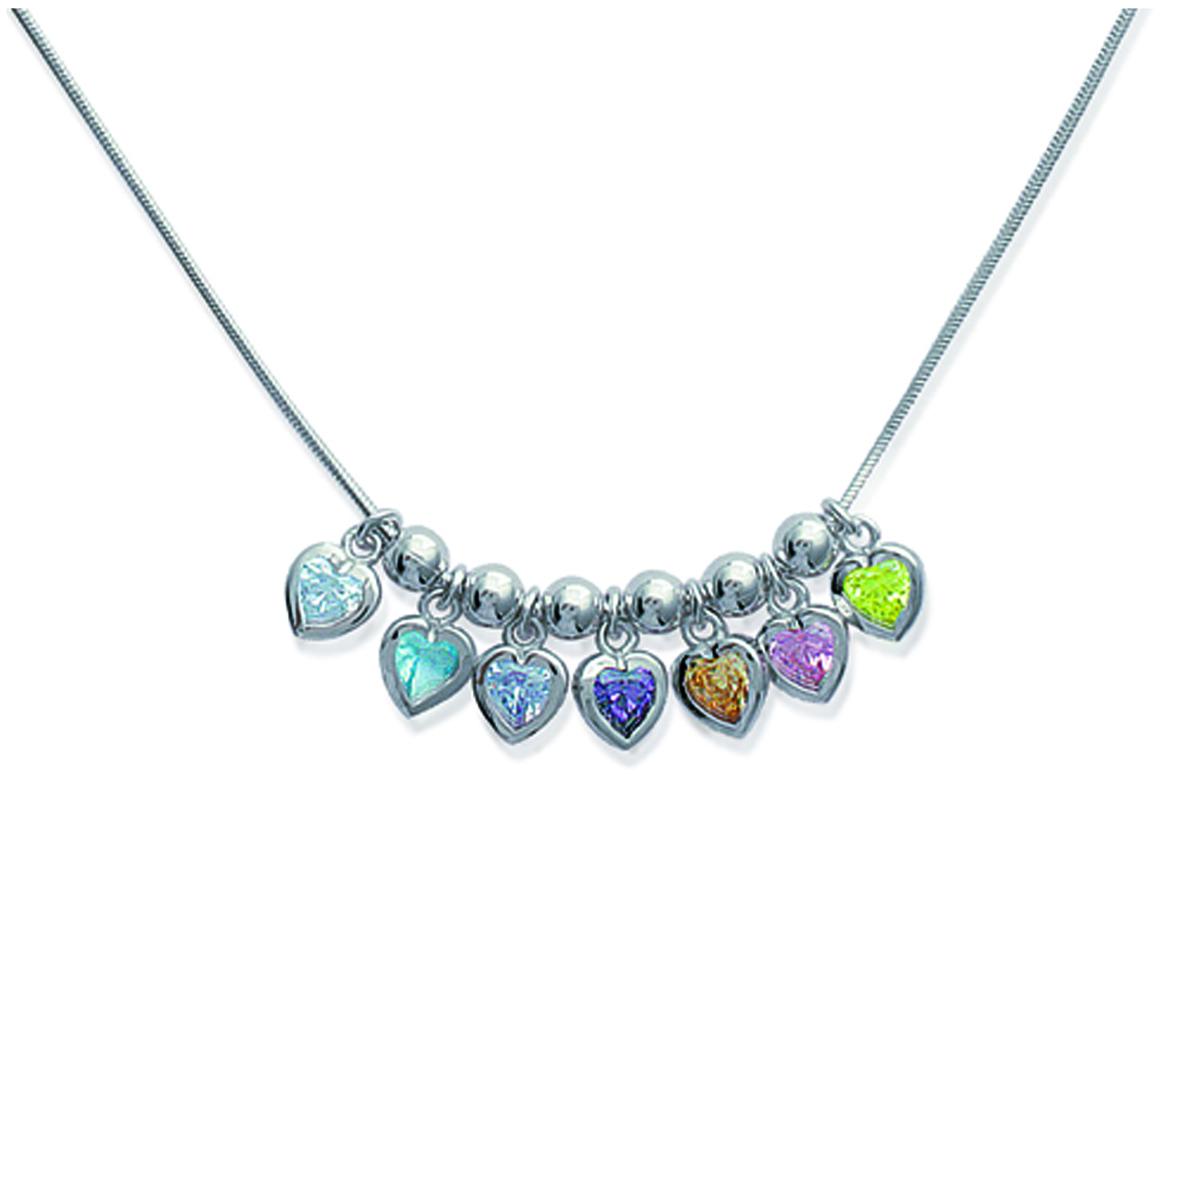 Collier Argent \'Fairy Love\' multicolore argenté (rhodié) - 40x10 mm - [D4589]